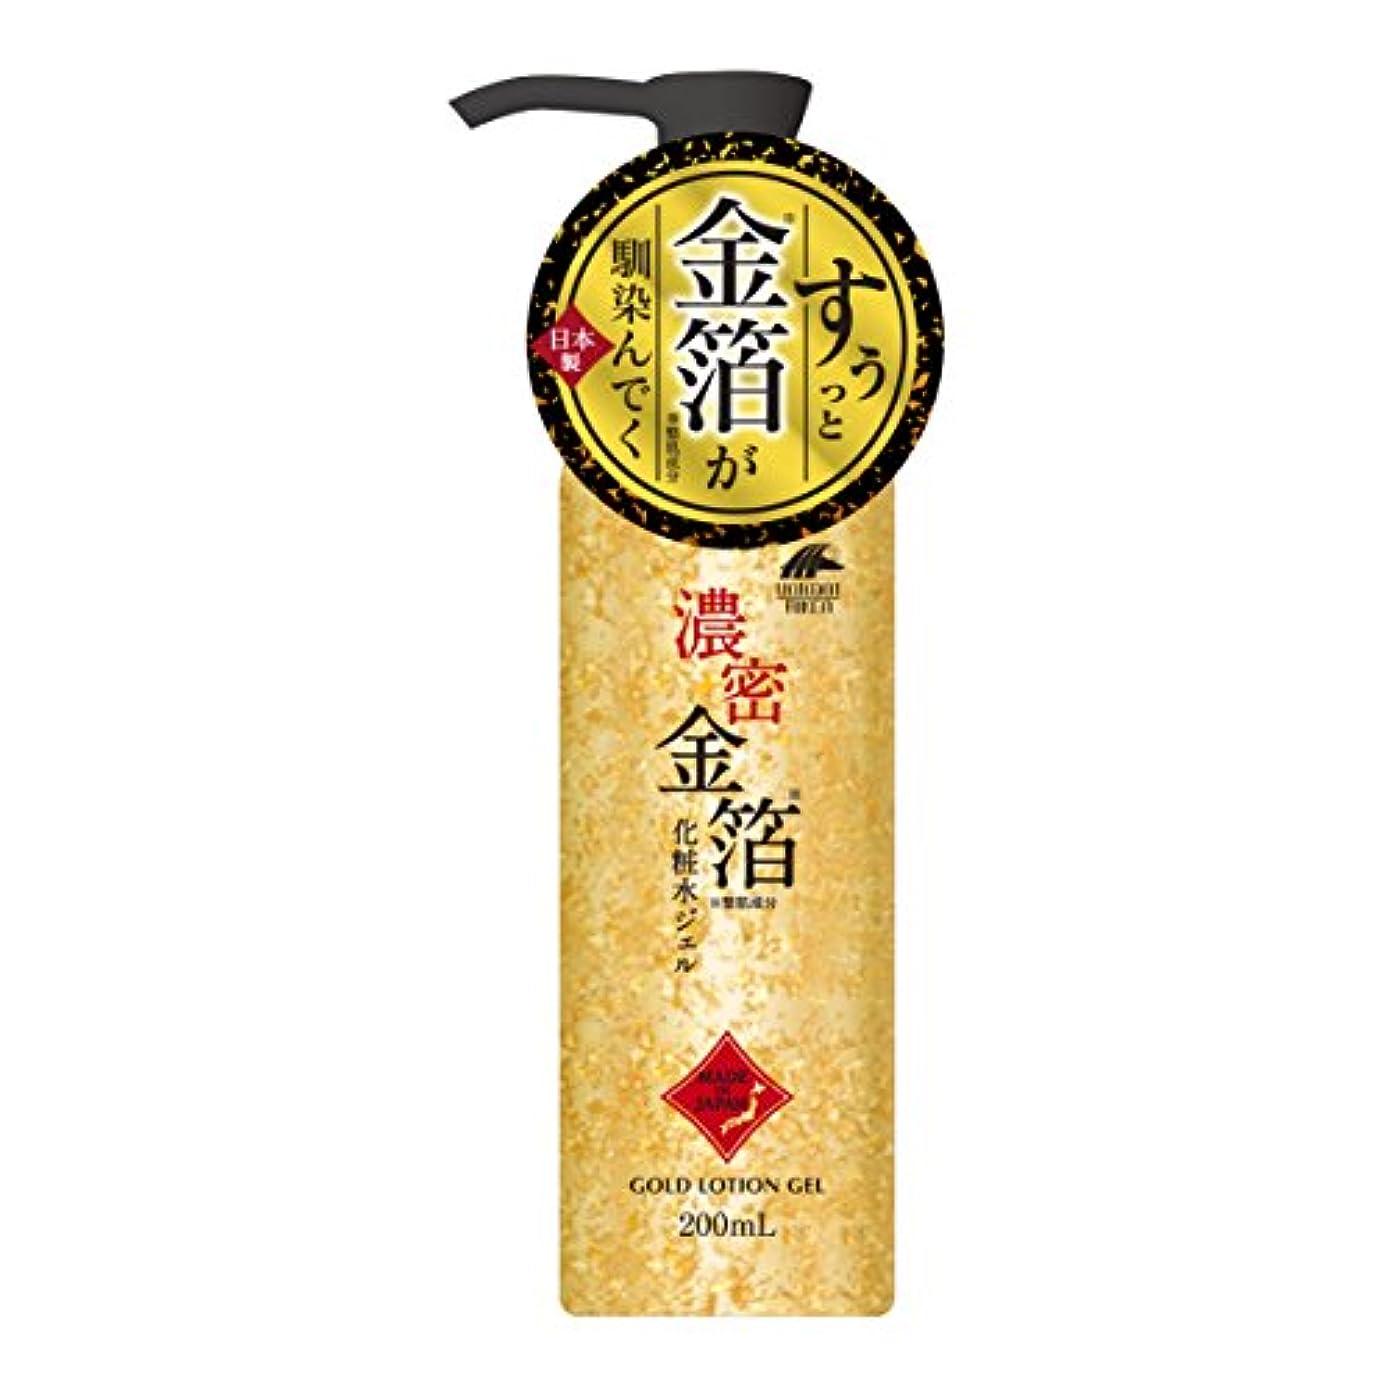 ユニマットリケン 濃密金箔化粧水ジェル 200ml